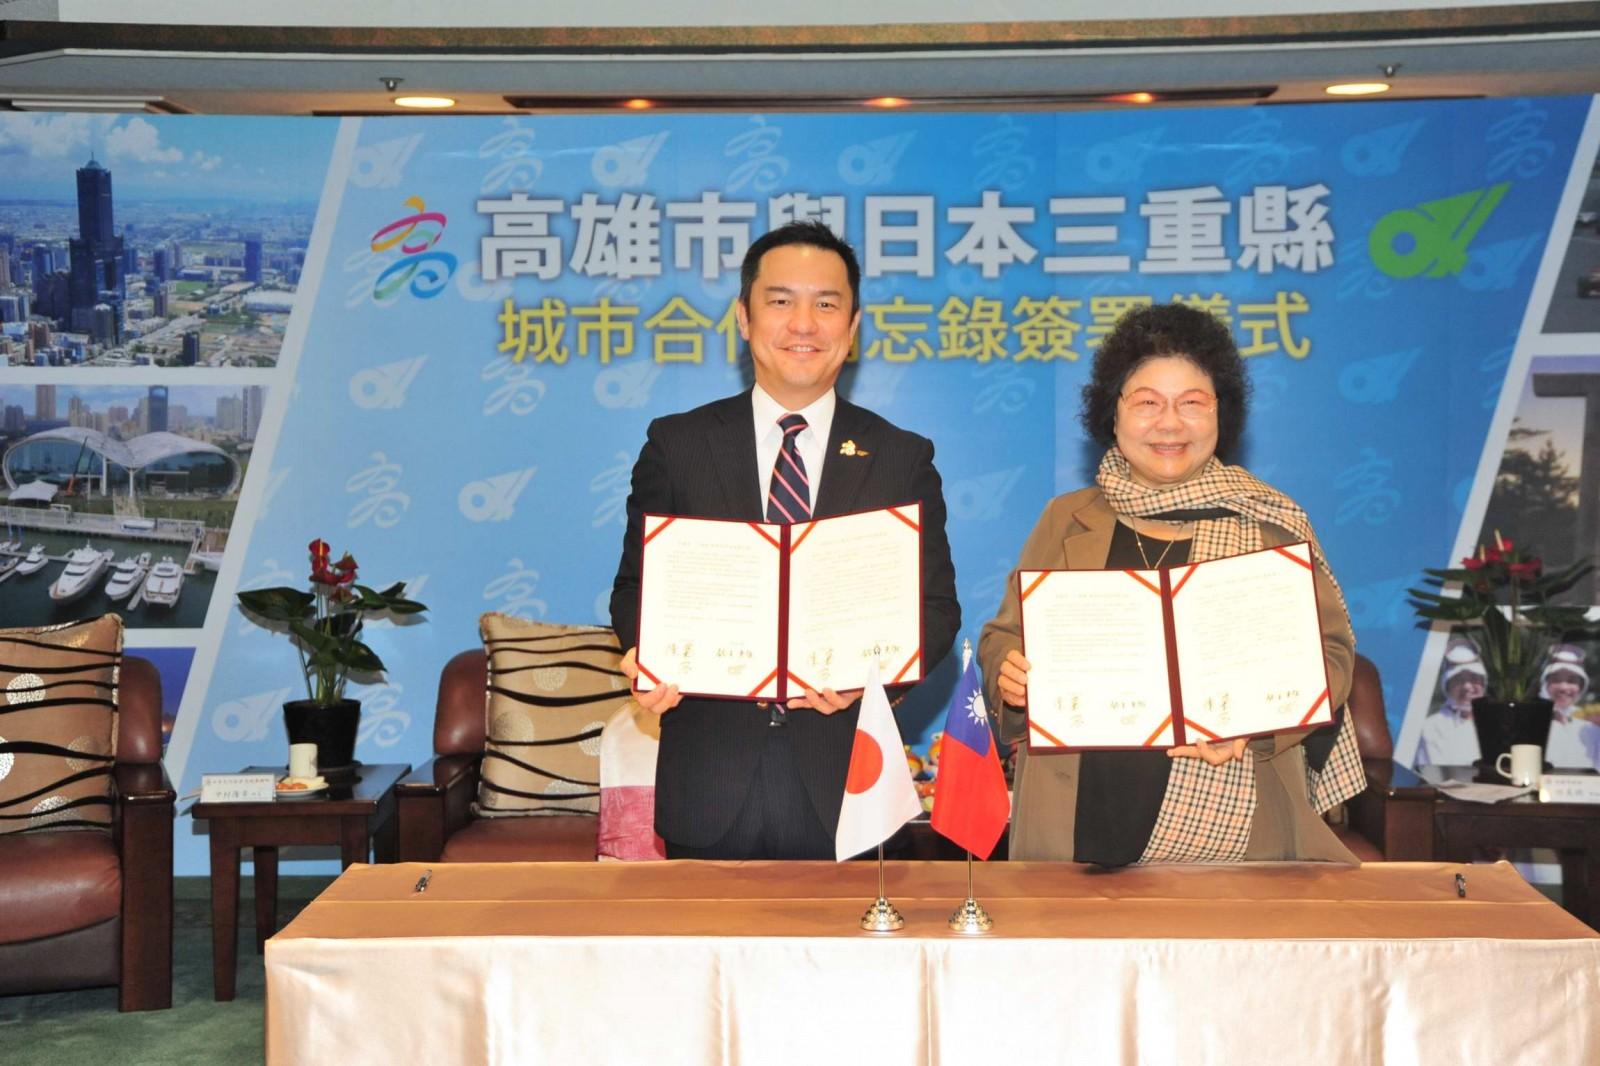 與日本三重縣簽署城市合作備忘錄 推動台日城市實質合作